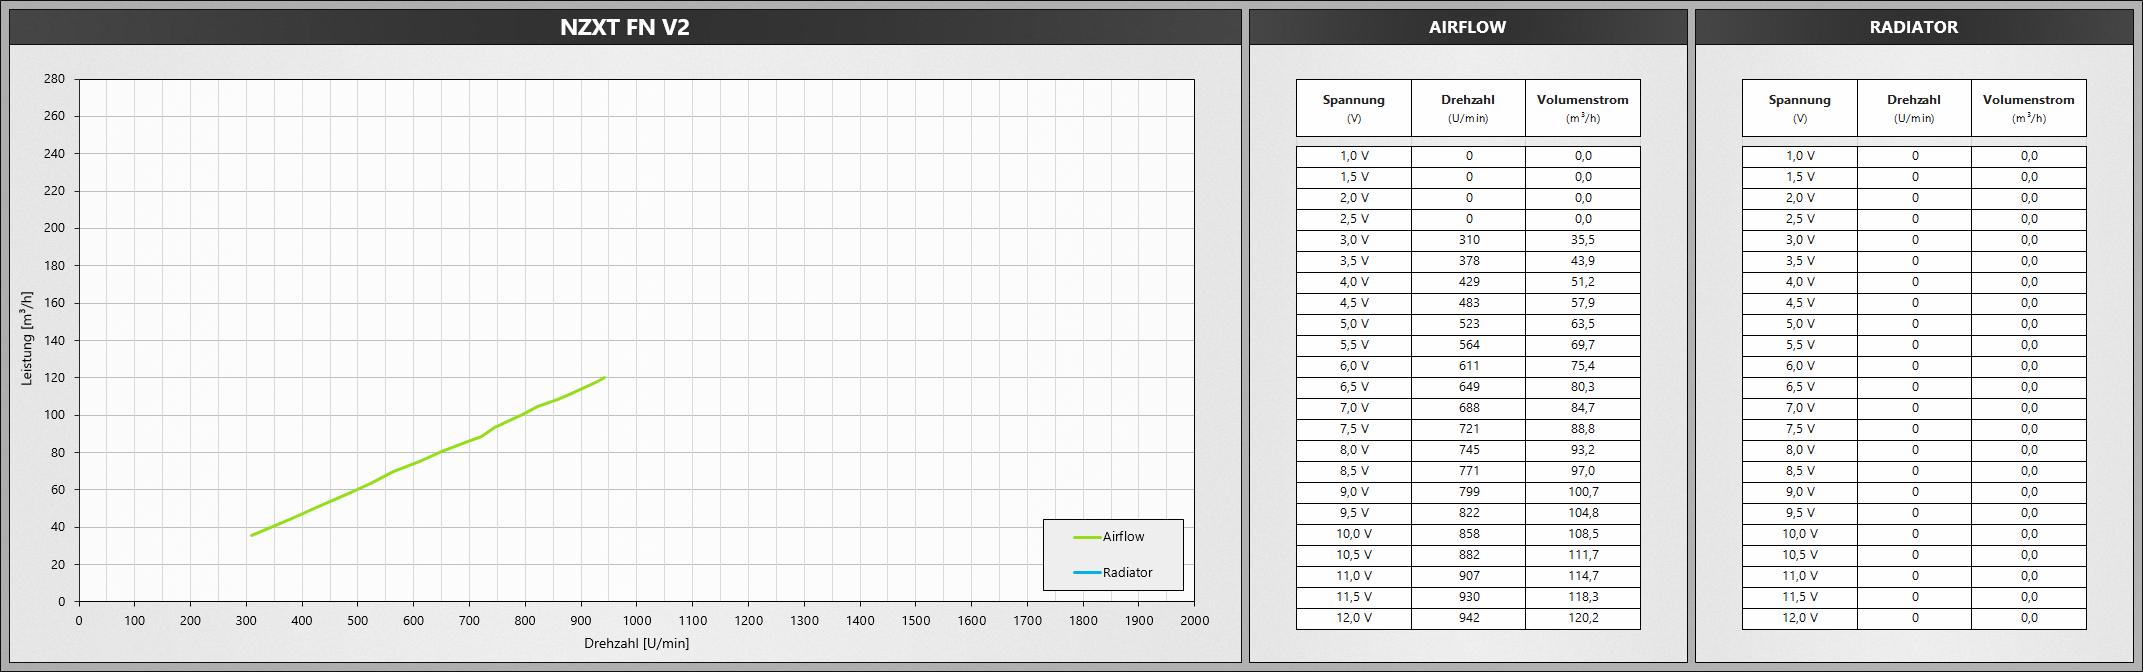 Klicken Sie auf die Grafik für eine größere Ansicht  Name:NZXTFNV2.png Hits:648 Größe:463,8 KB ID:1074774